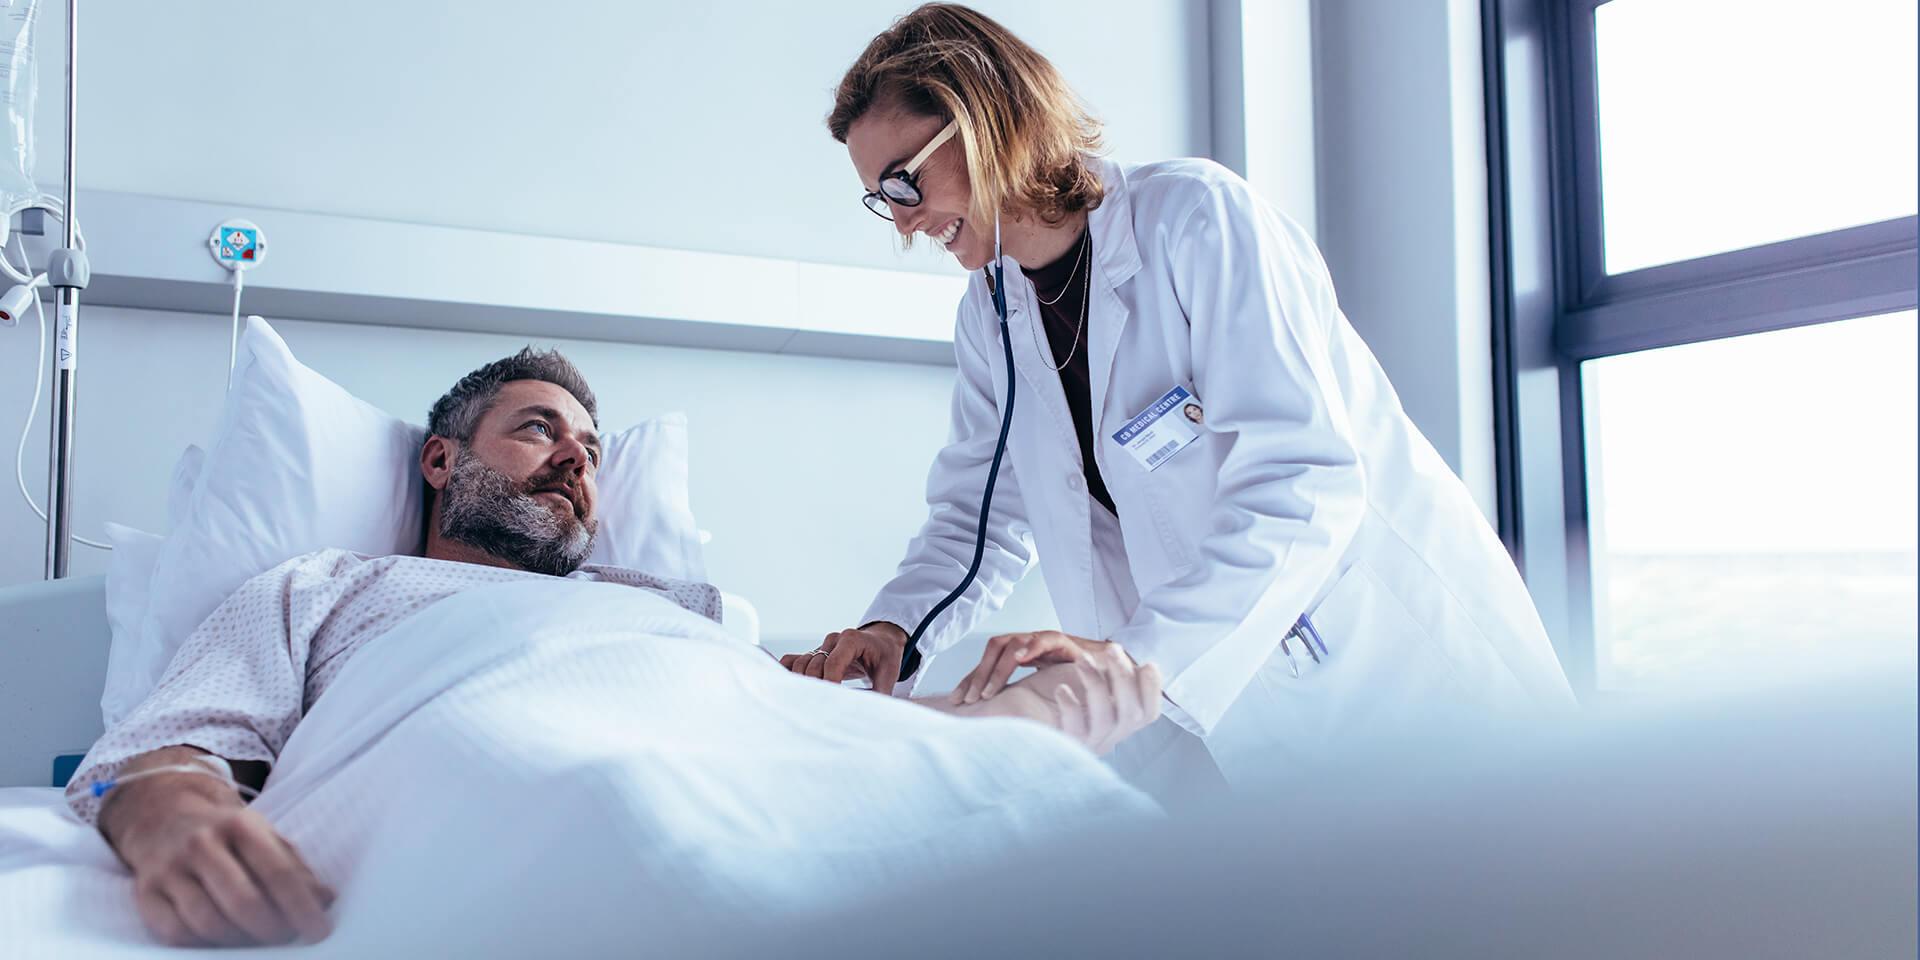 Dịch vụ y tế của Malta được đánh giá tốt nhất thế giới